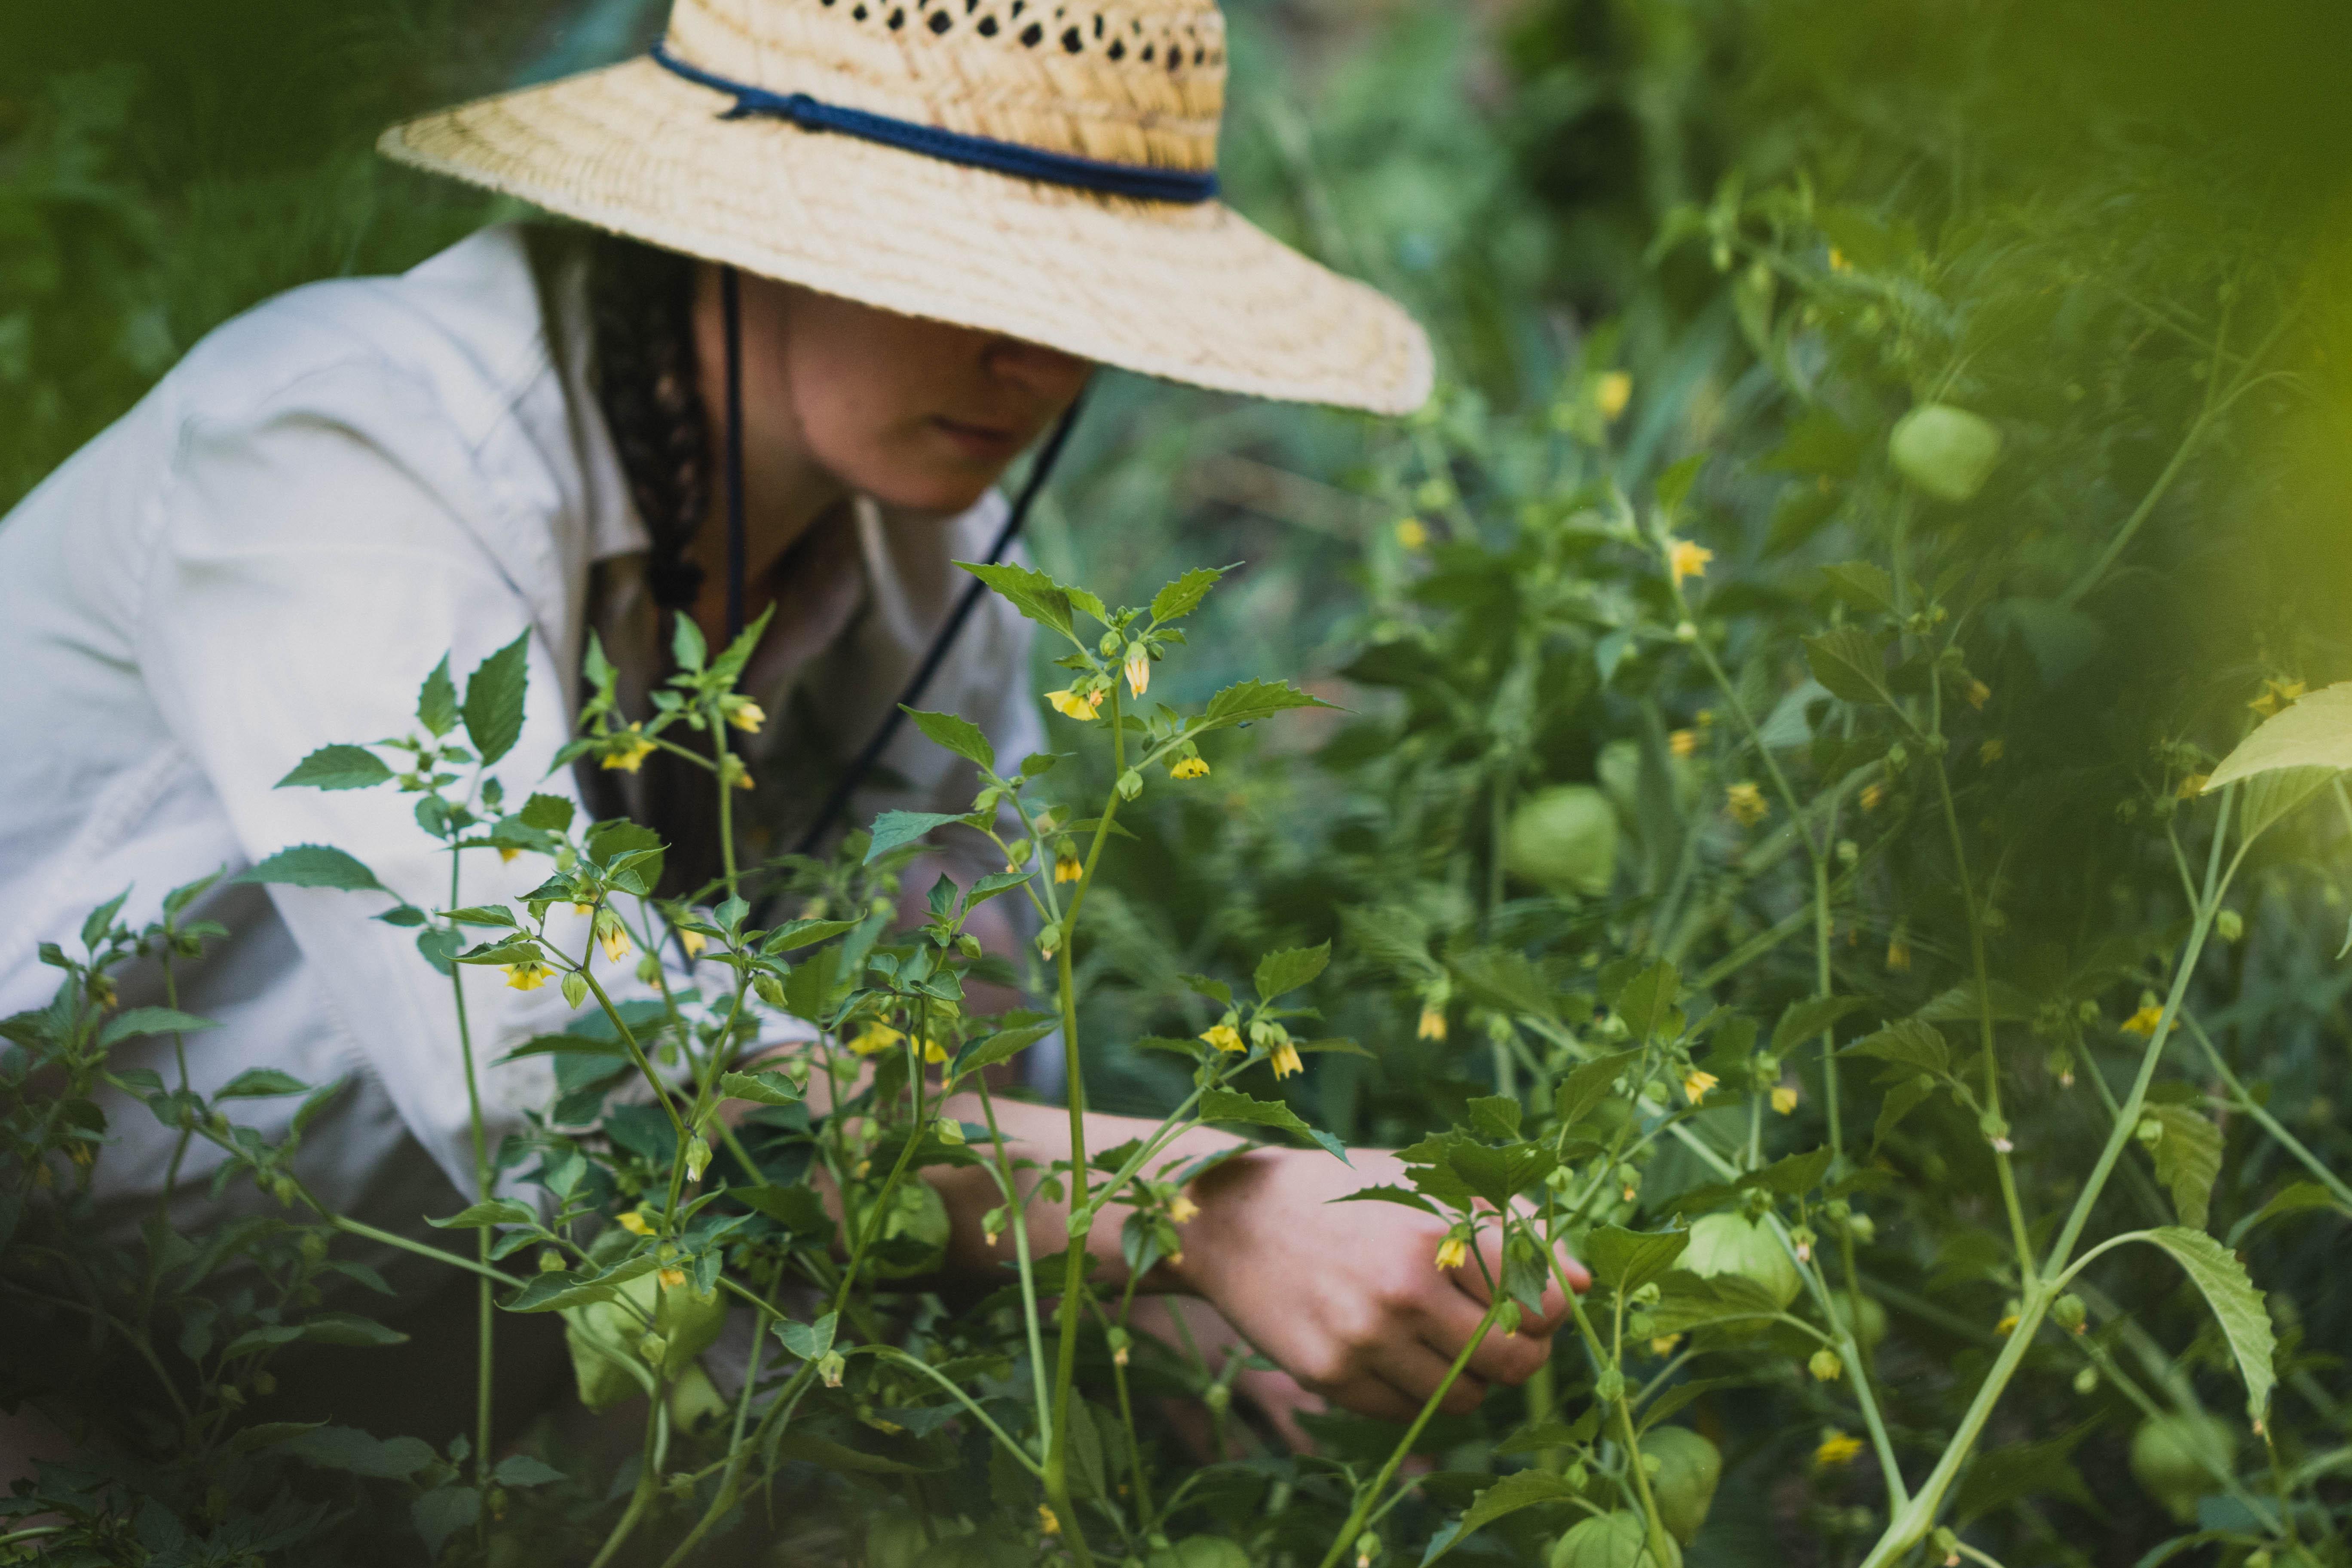 Harvesting Tomatillos